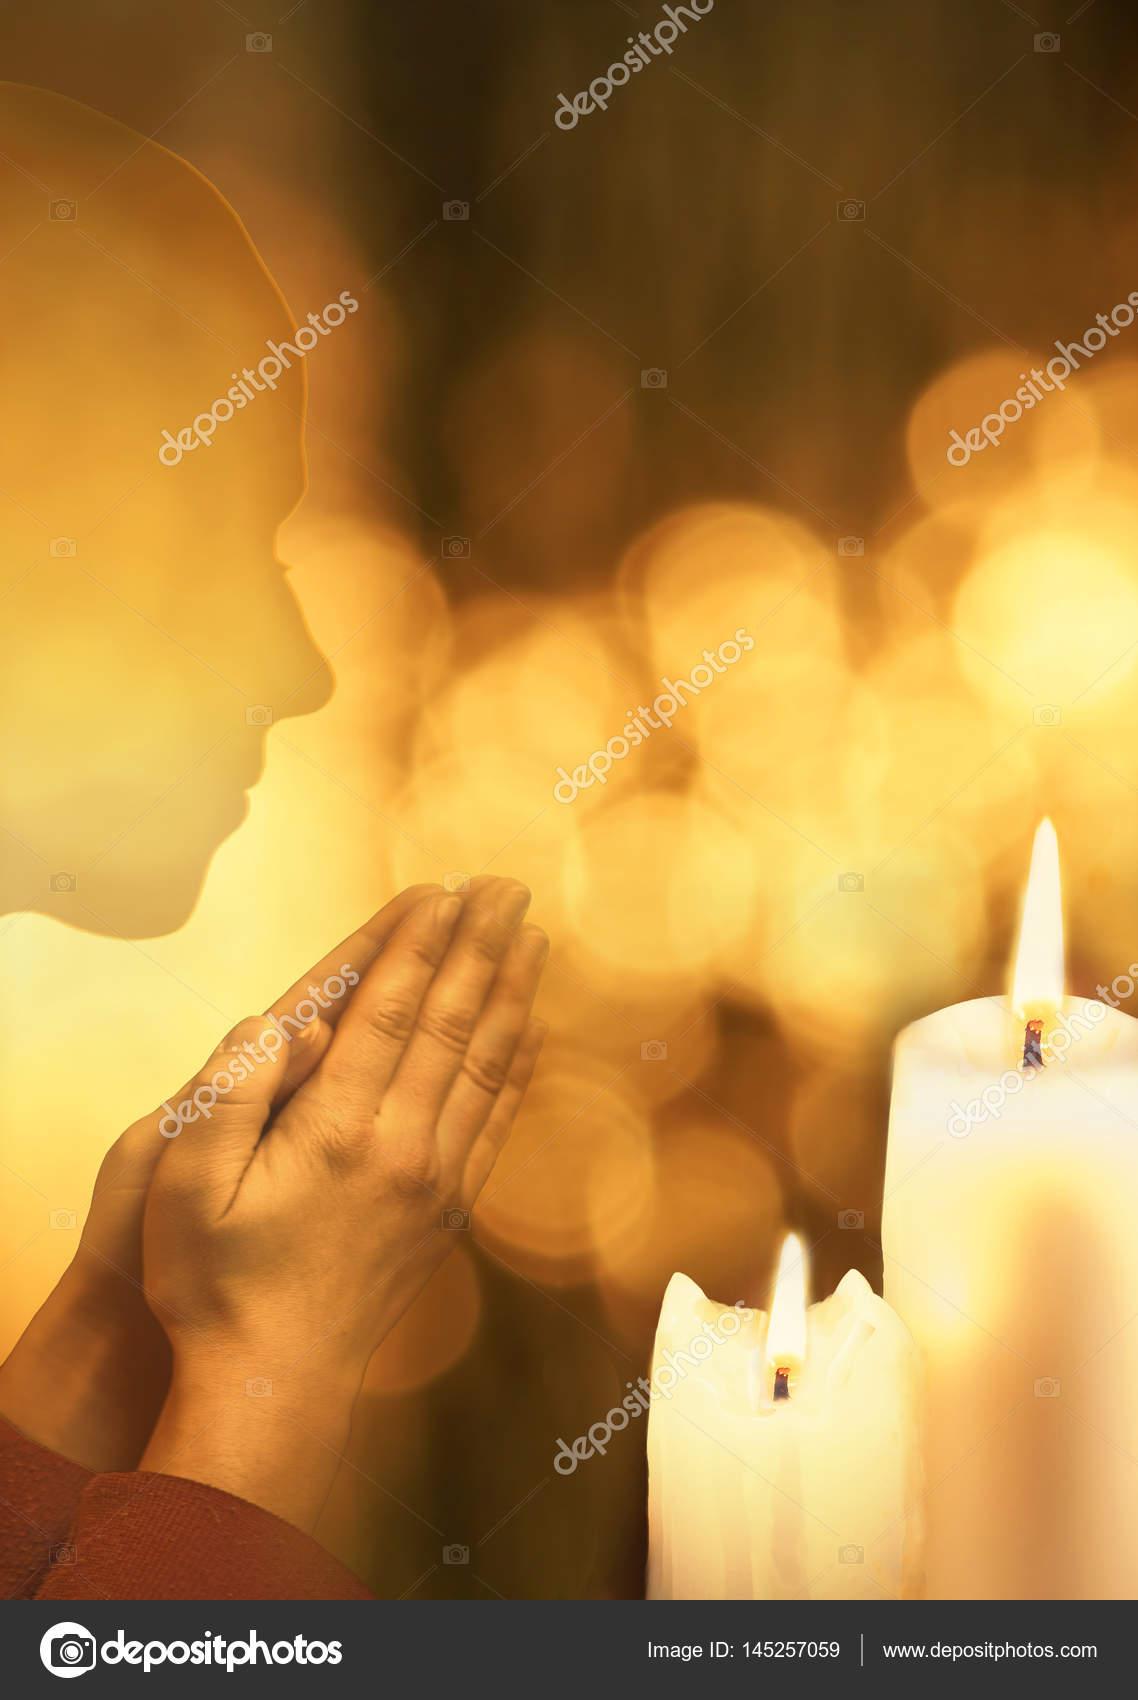 Populares pessoa orando no fundo brilhante com velas em chamas — Fotografias  LO22